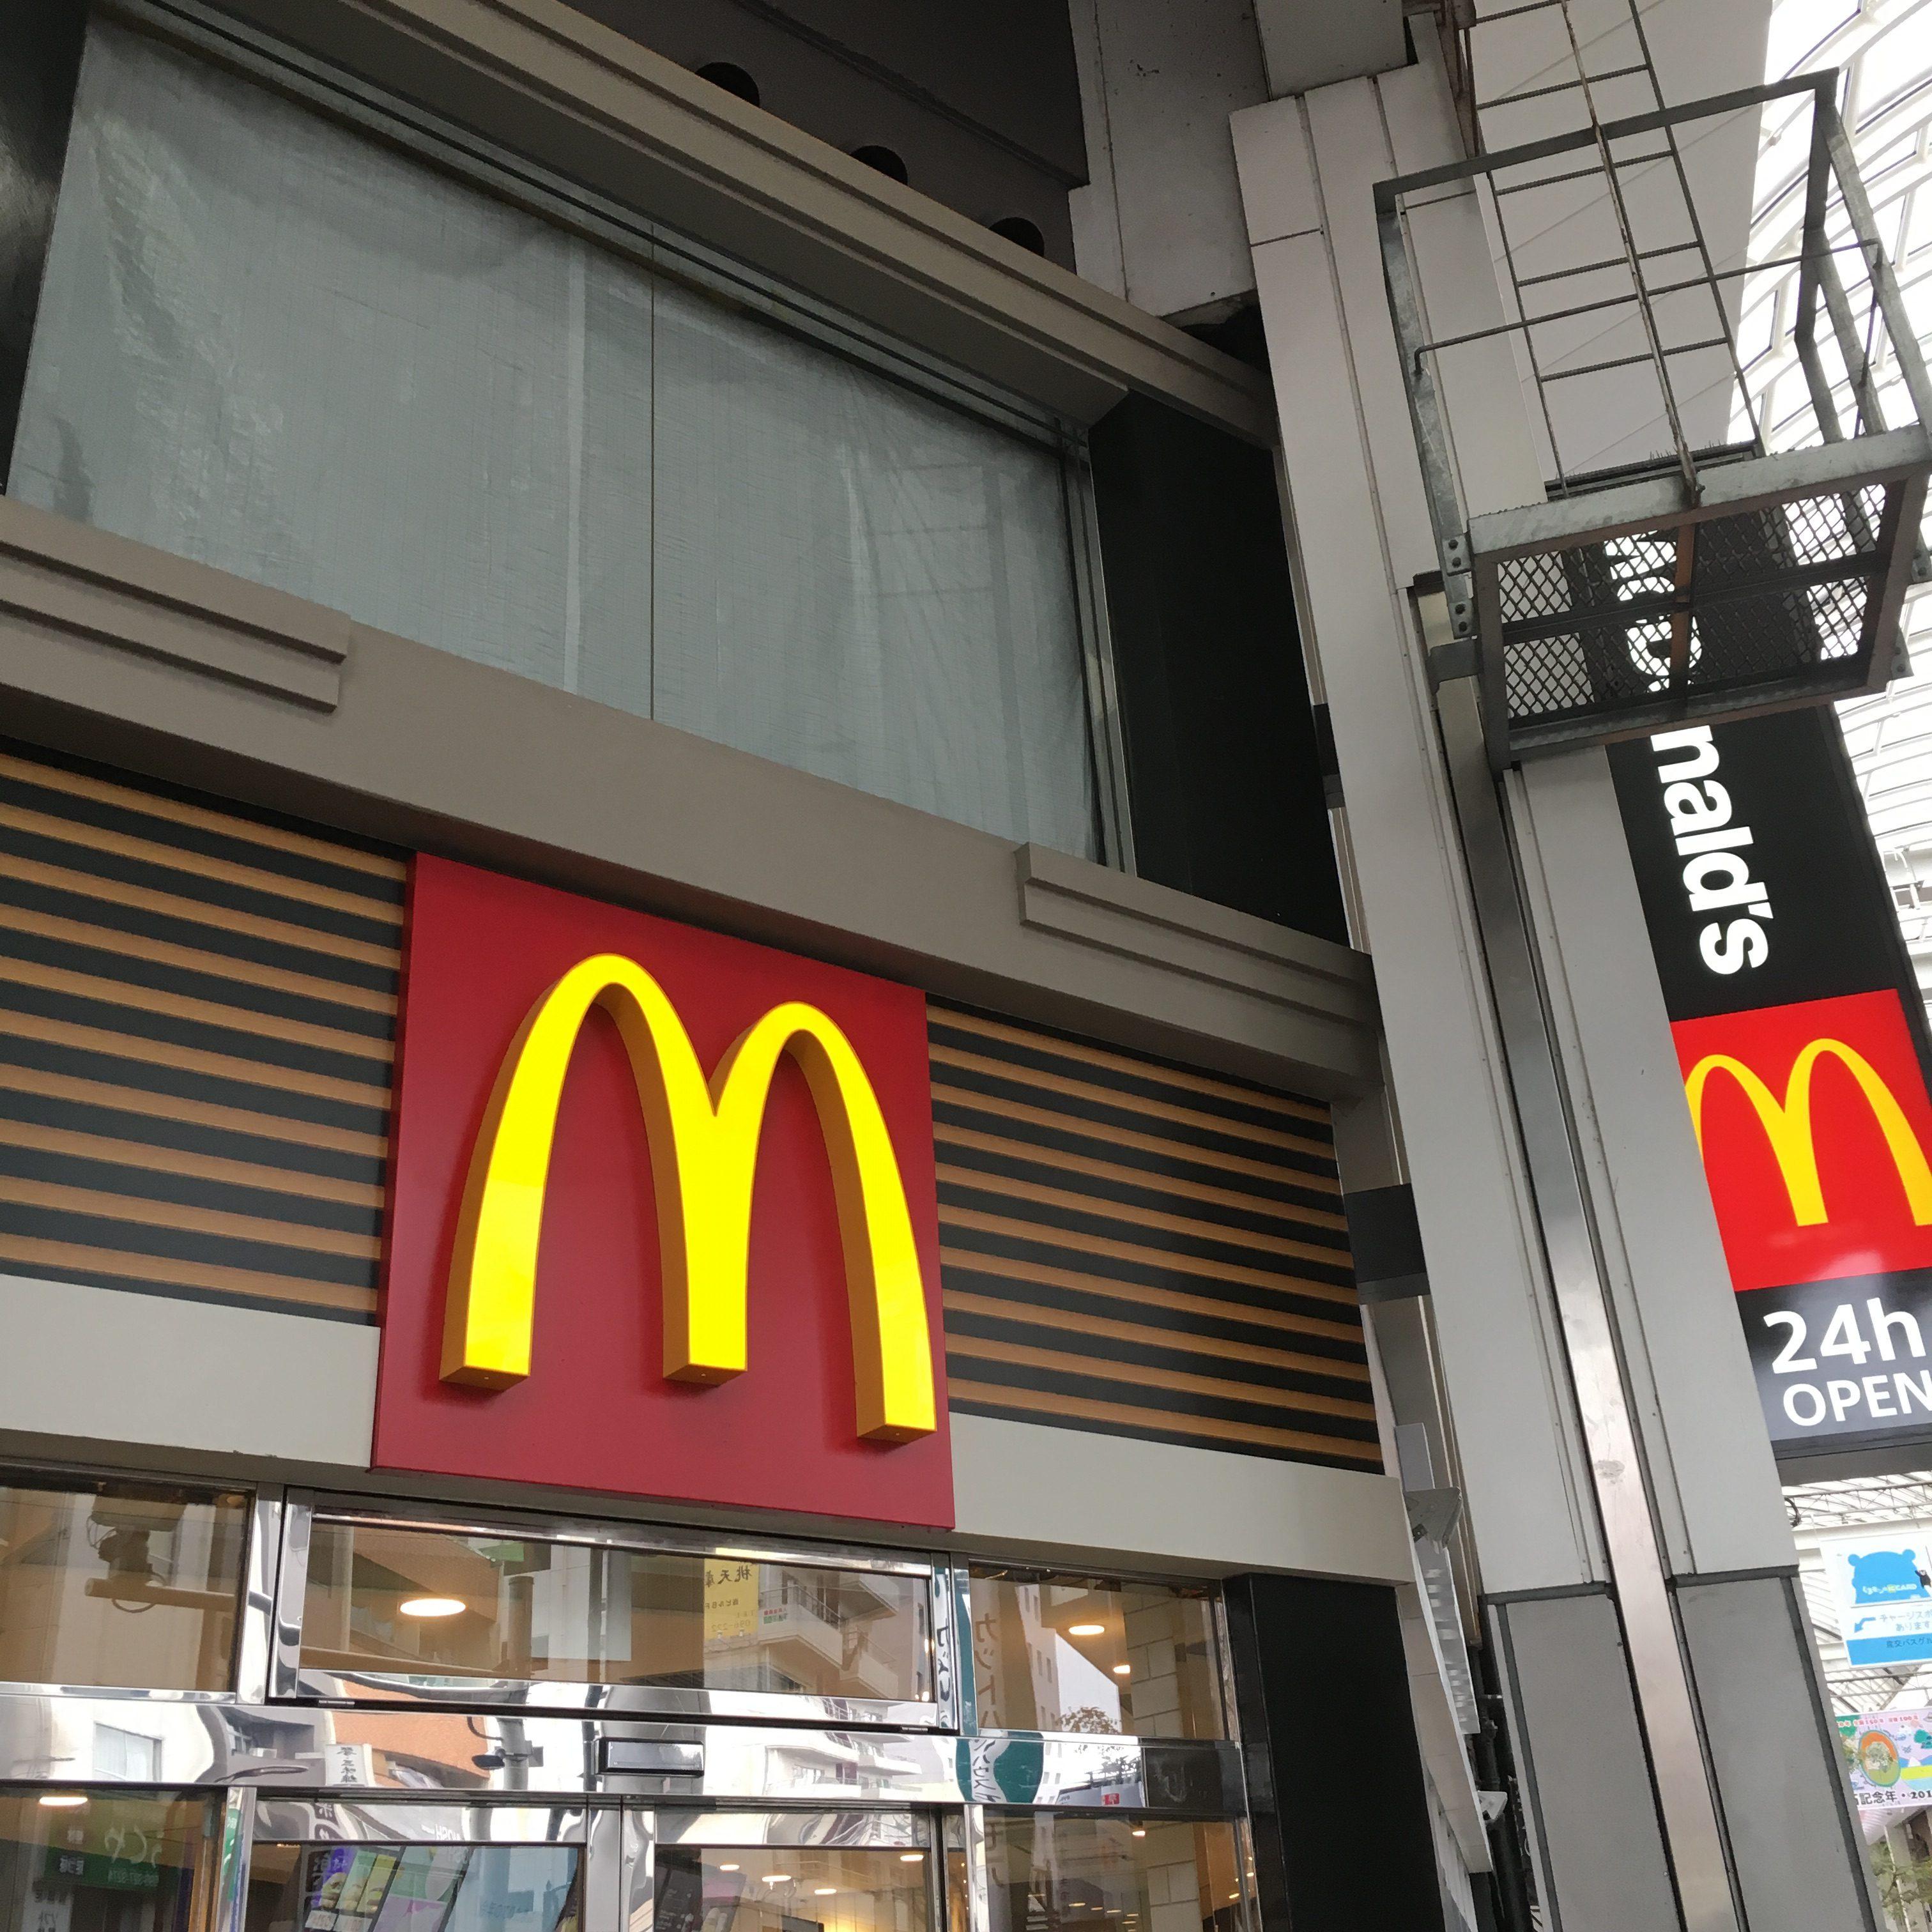 【角マック】熊本新市街のマクドナルド再開!4/6までイベントやってるよ